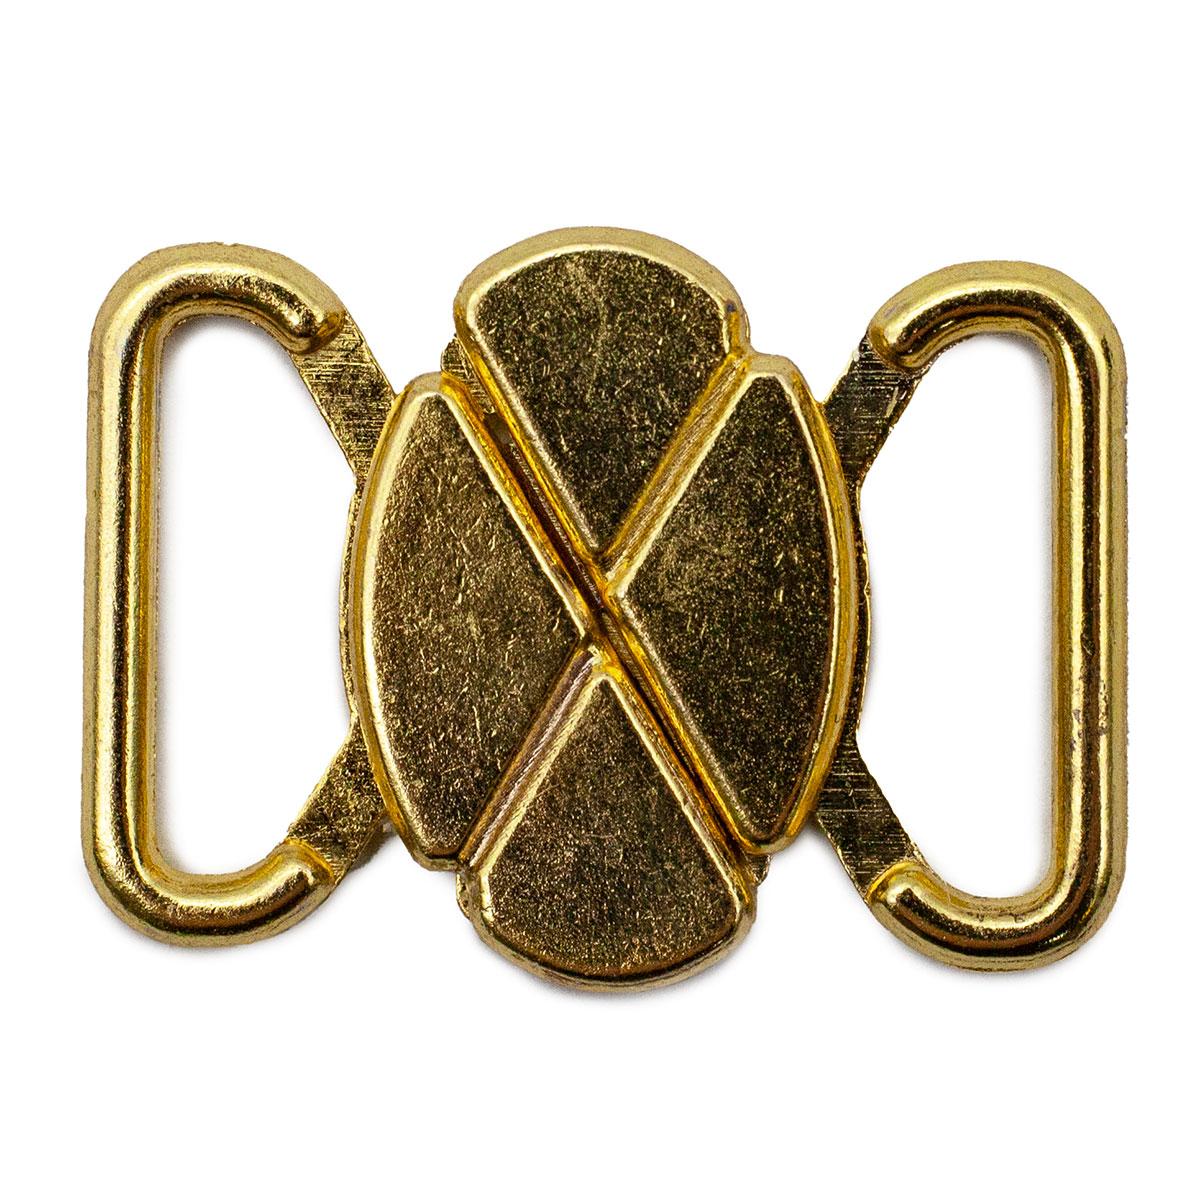 416121 Застежка для бикини металлическая, клевер, золото, 12 мм, Prym